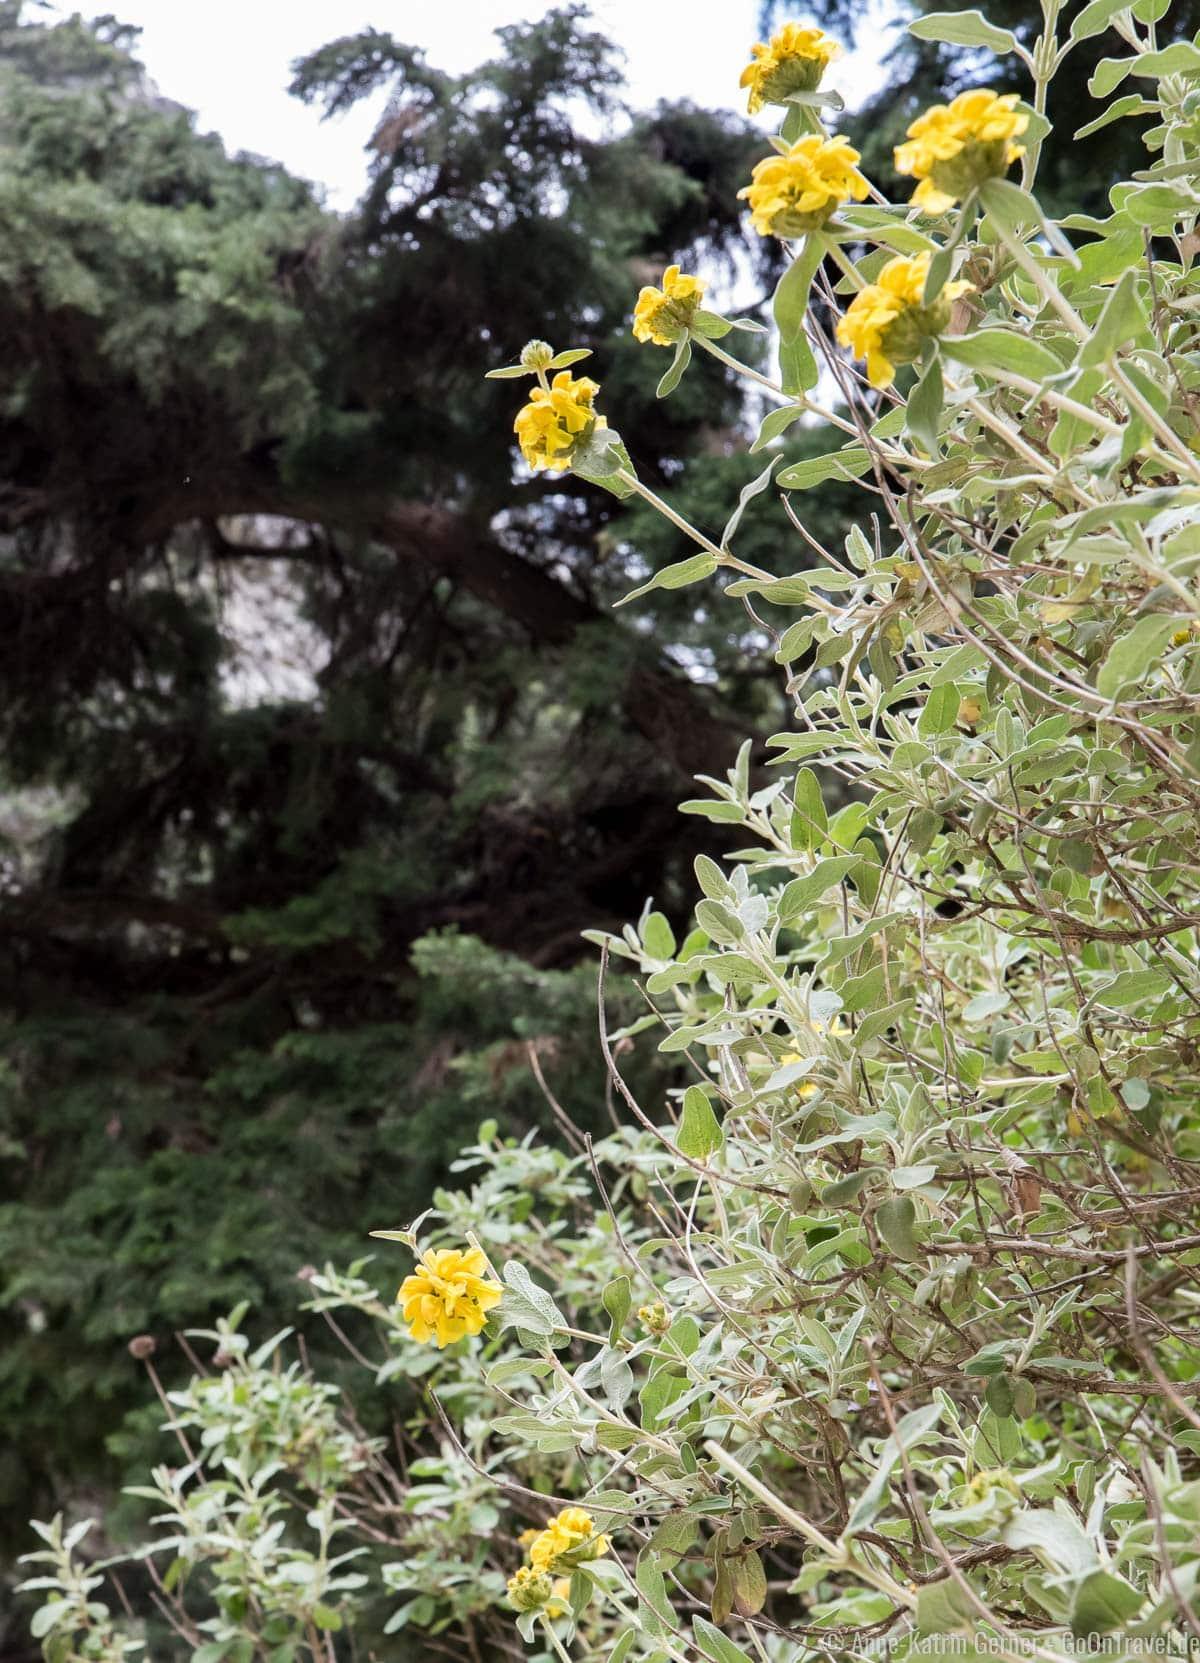 wildwachsende Malotira in der kretischen Imbros Schlucht